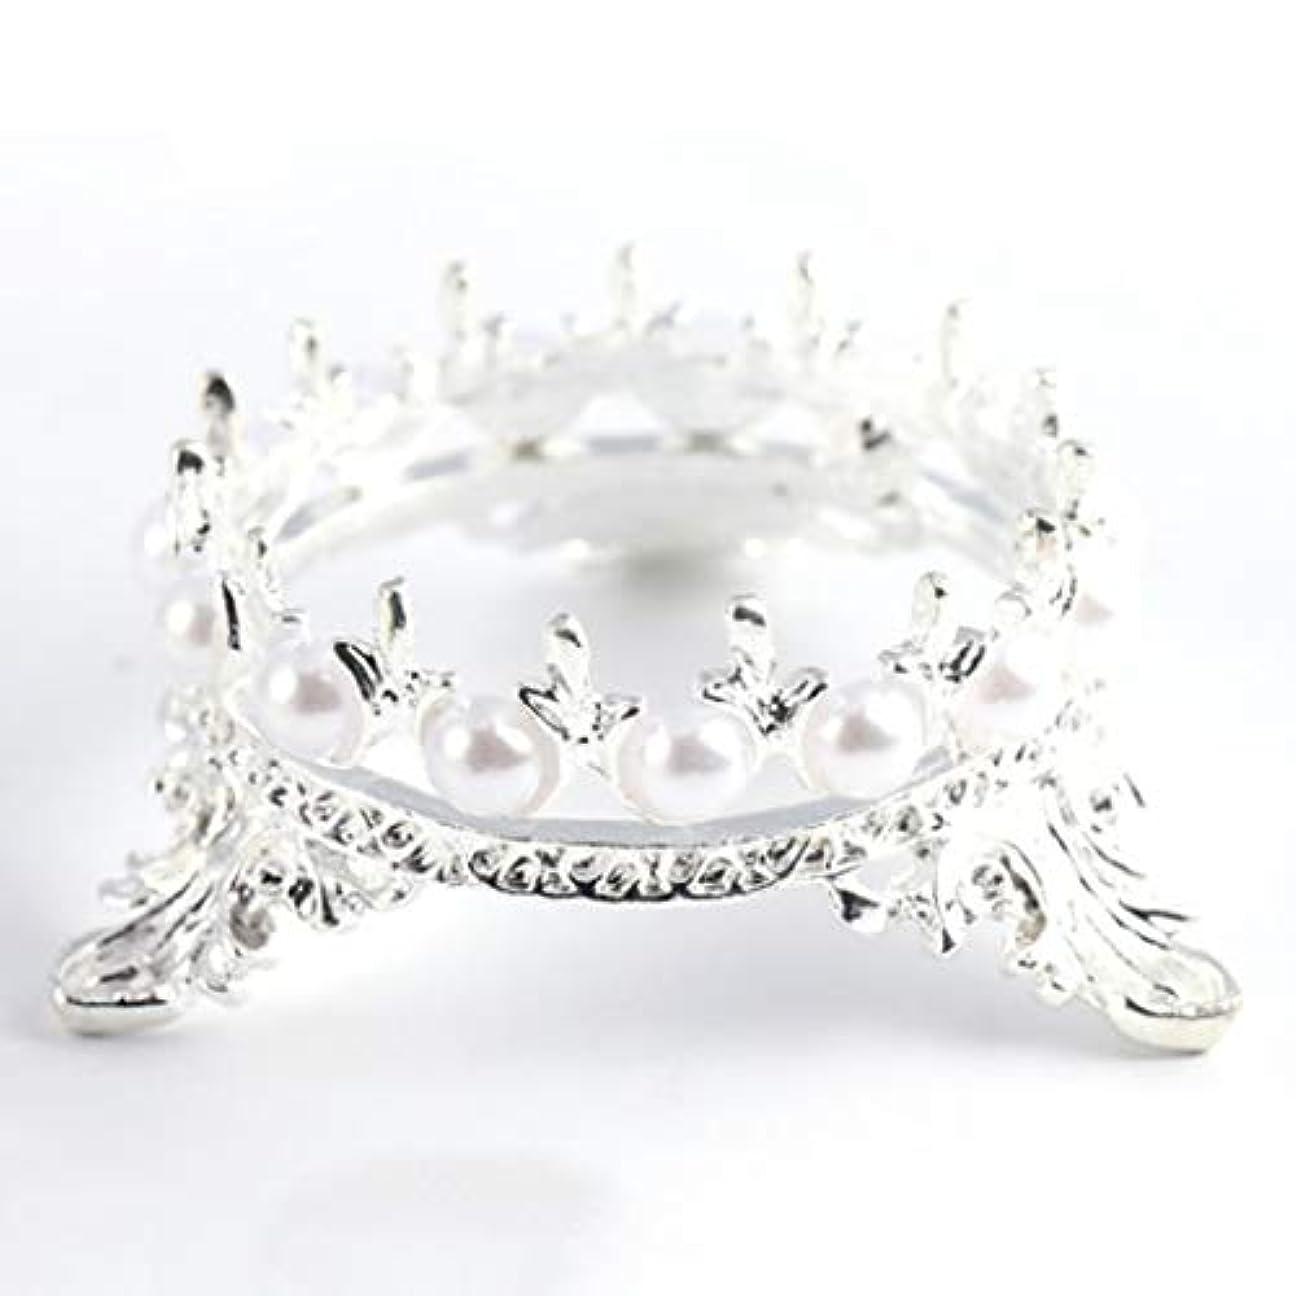 角度泥だらけそれによってOU-Kunmlef 価値のある1 xクラウンスタンドペンブラシホルダーパールネイルアートペンラックマニキュアネイルアートツール必需品(None Silver Crown Penholder)